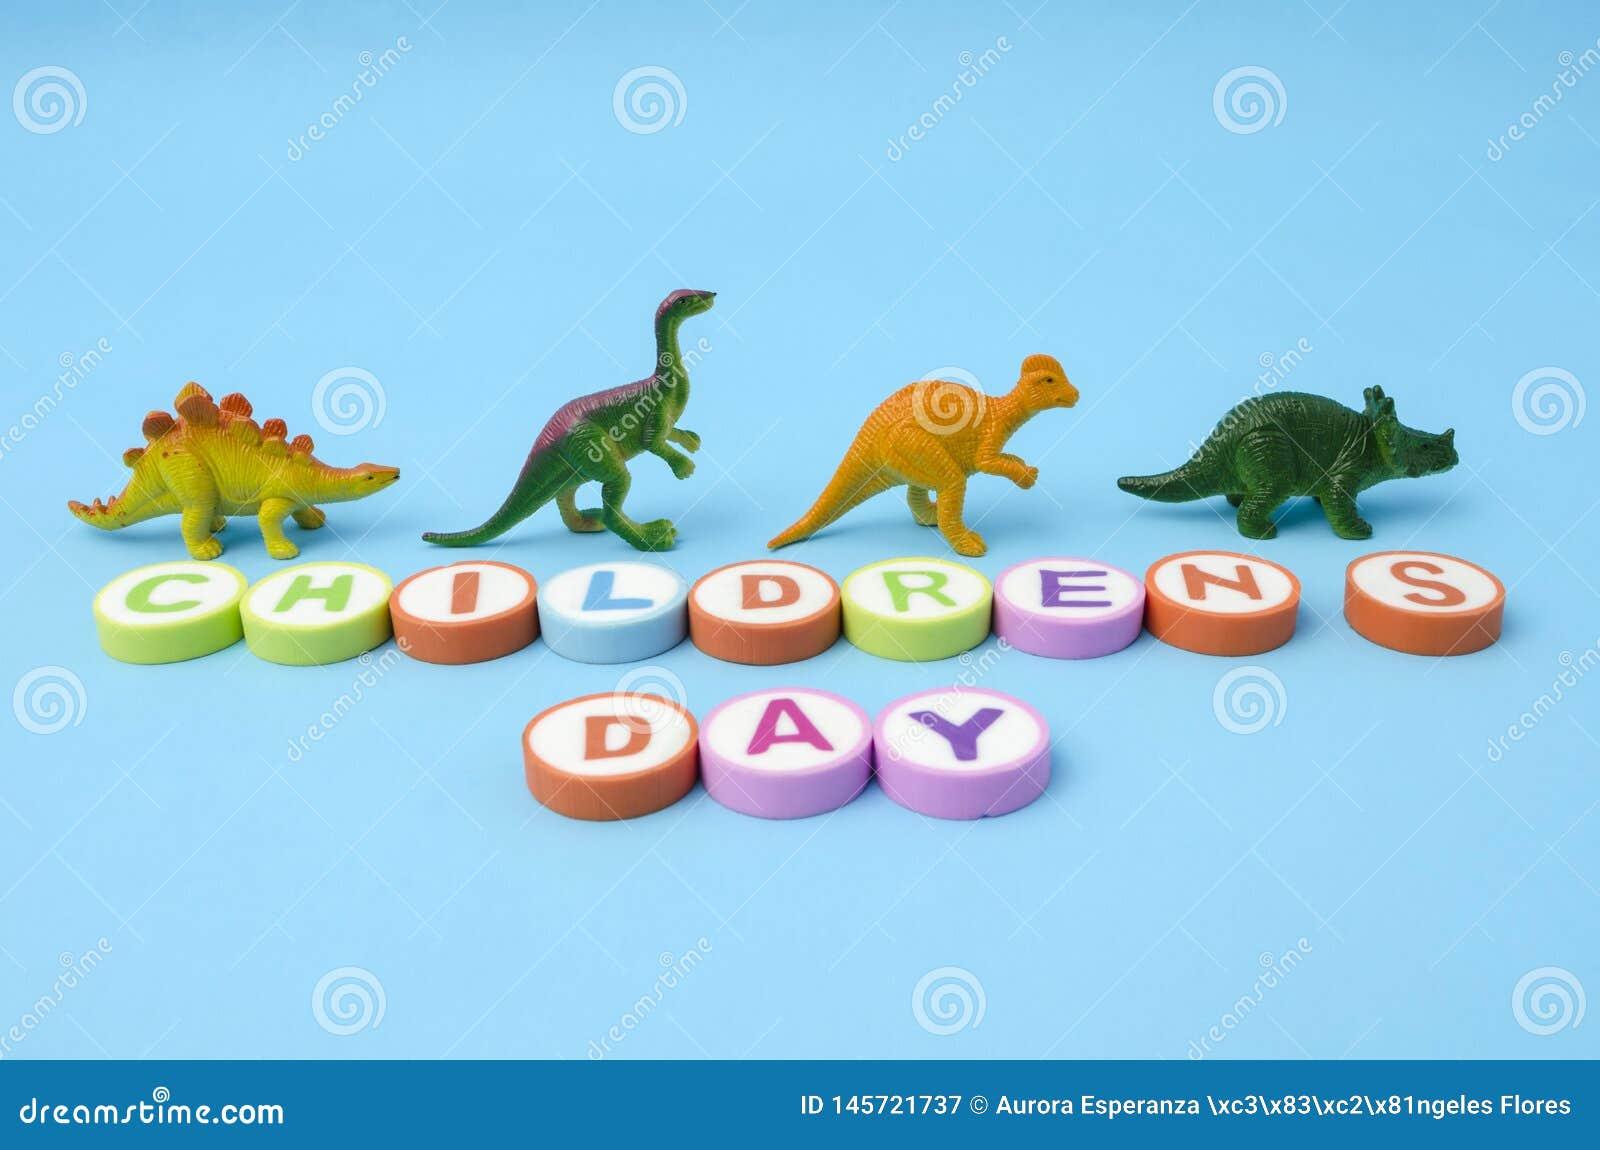 Barns dag gjorde fr?n f?rgrika bokst?ver och plast- dinosaurieleksaker